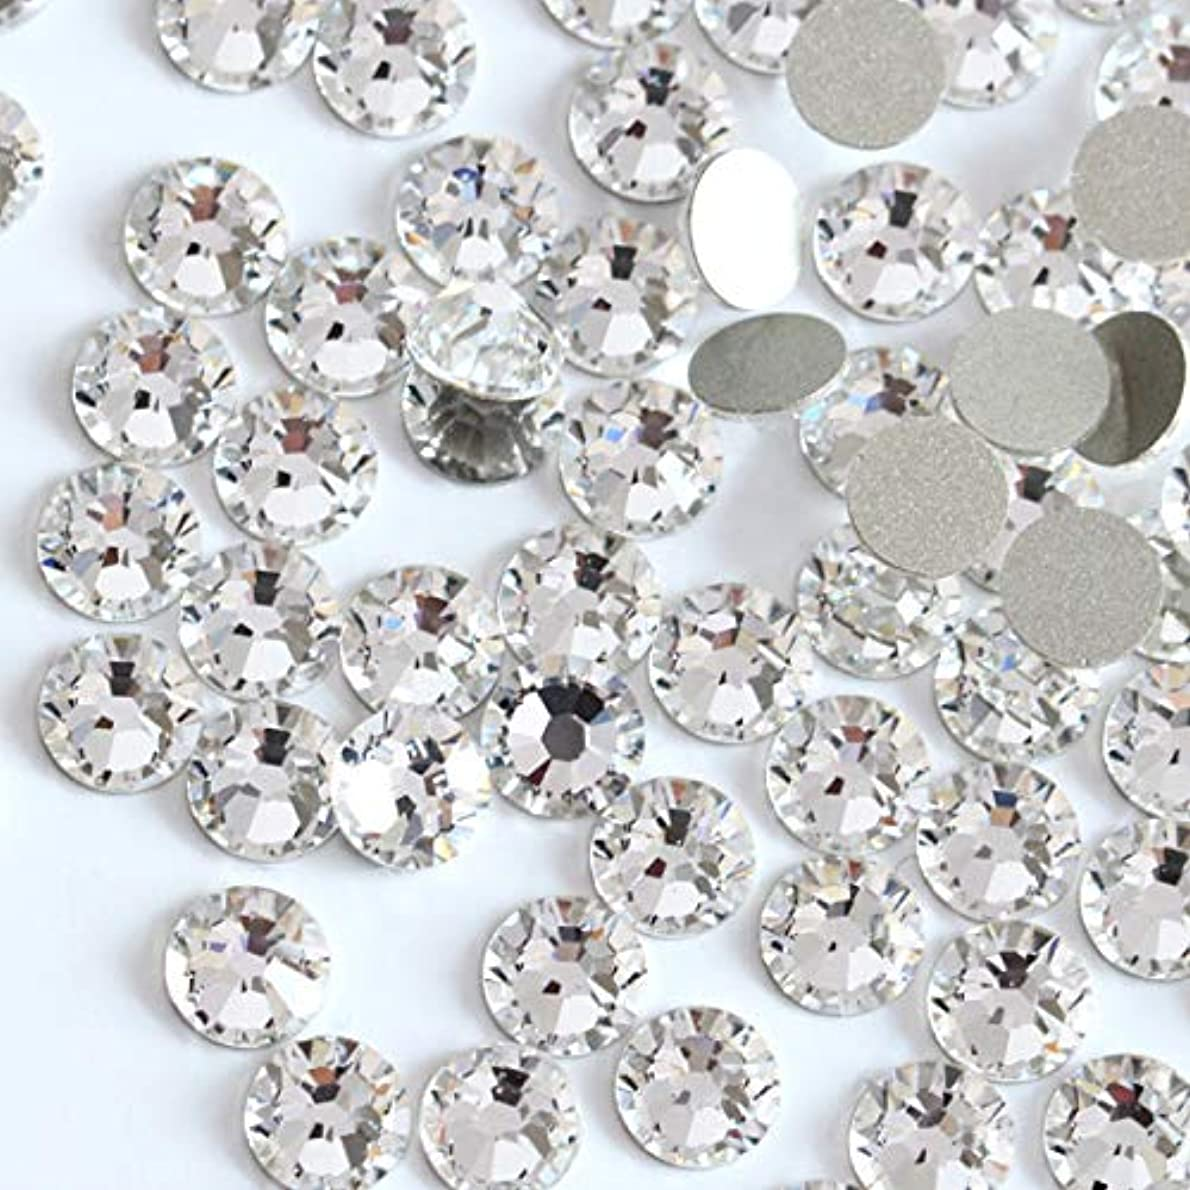 複合治す引き潮【ラインストーン77】高品質ガラス製ラインストーン クリスタル(1.3mm (SS3) 約200粒)